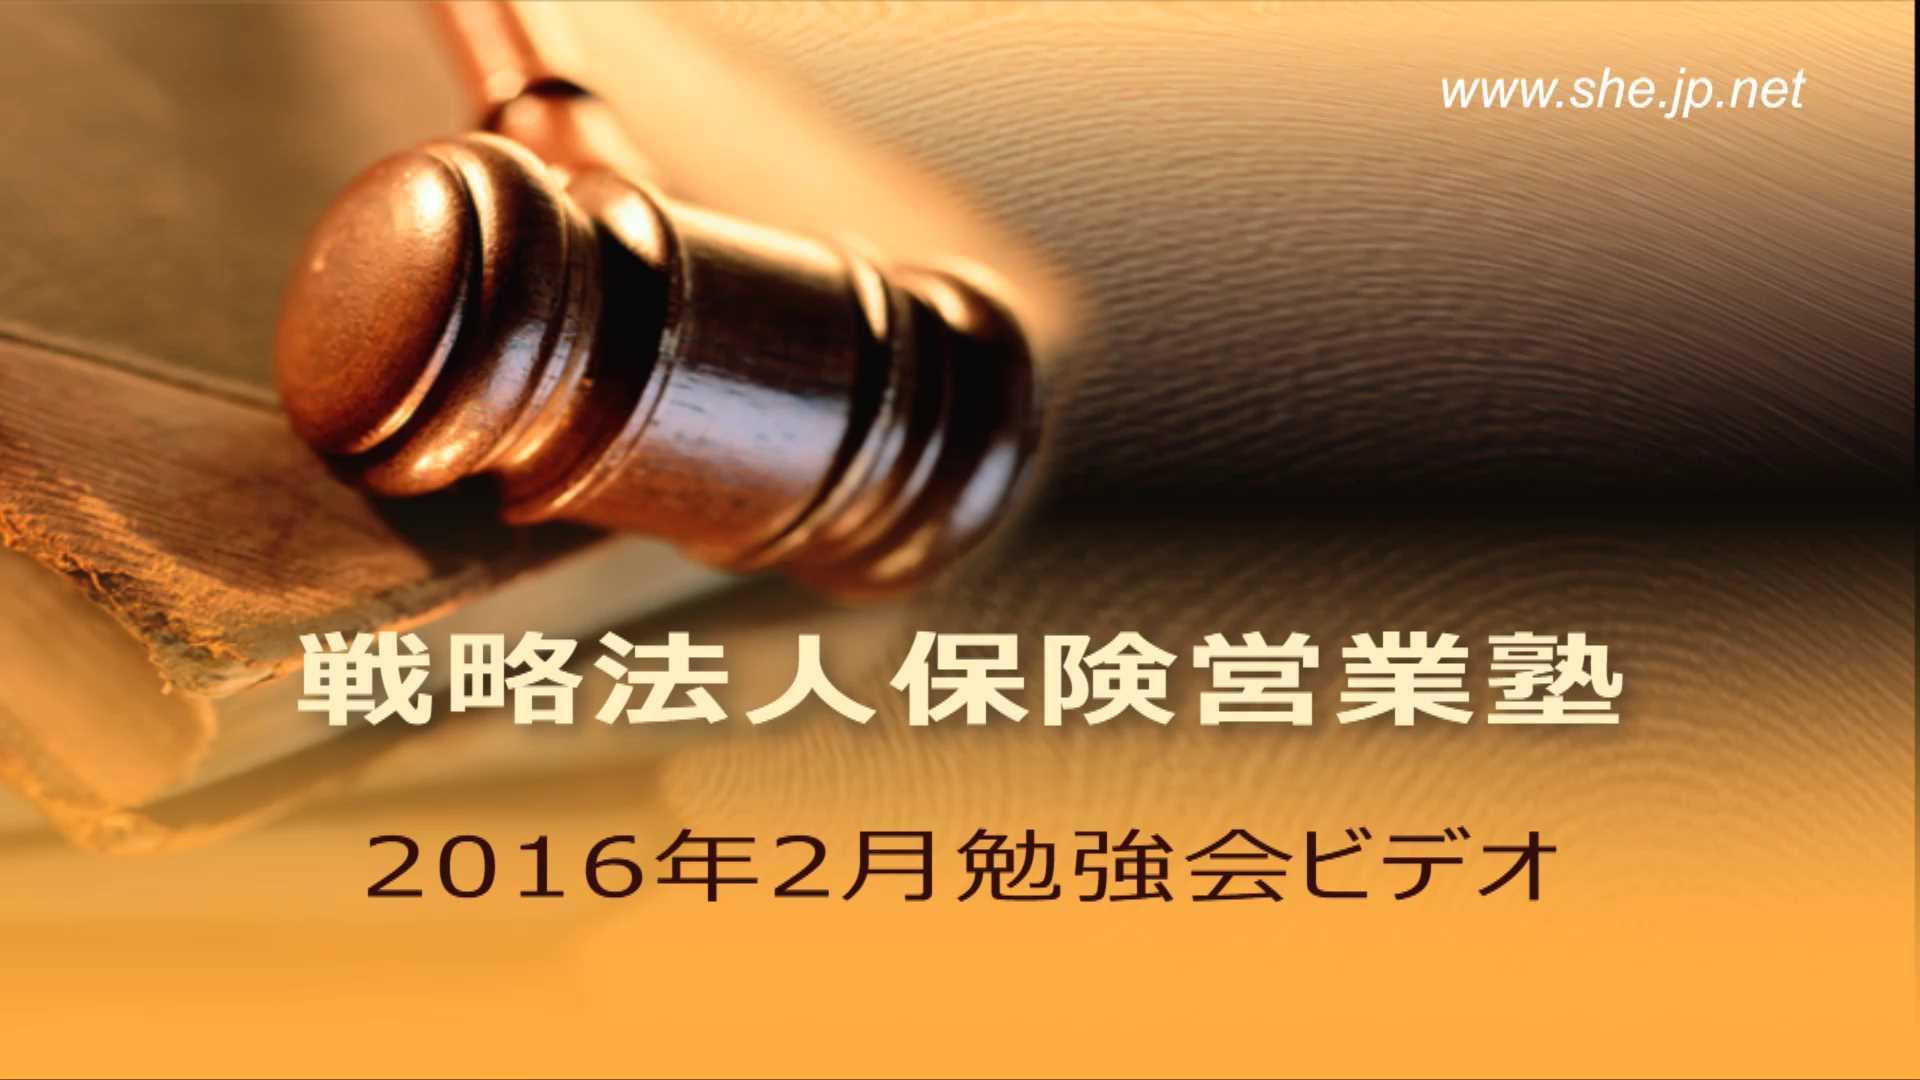 【受講者専用】 2016年2月LiveSHE勉強会ビデオ(メンバー限定)